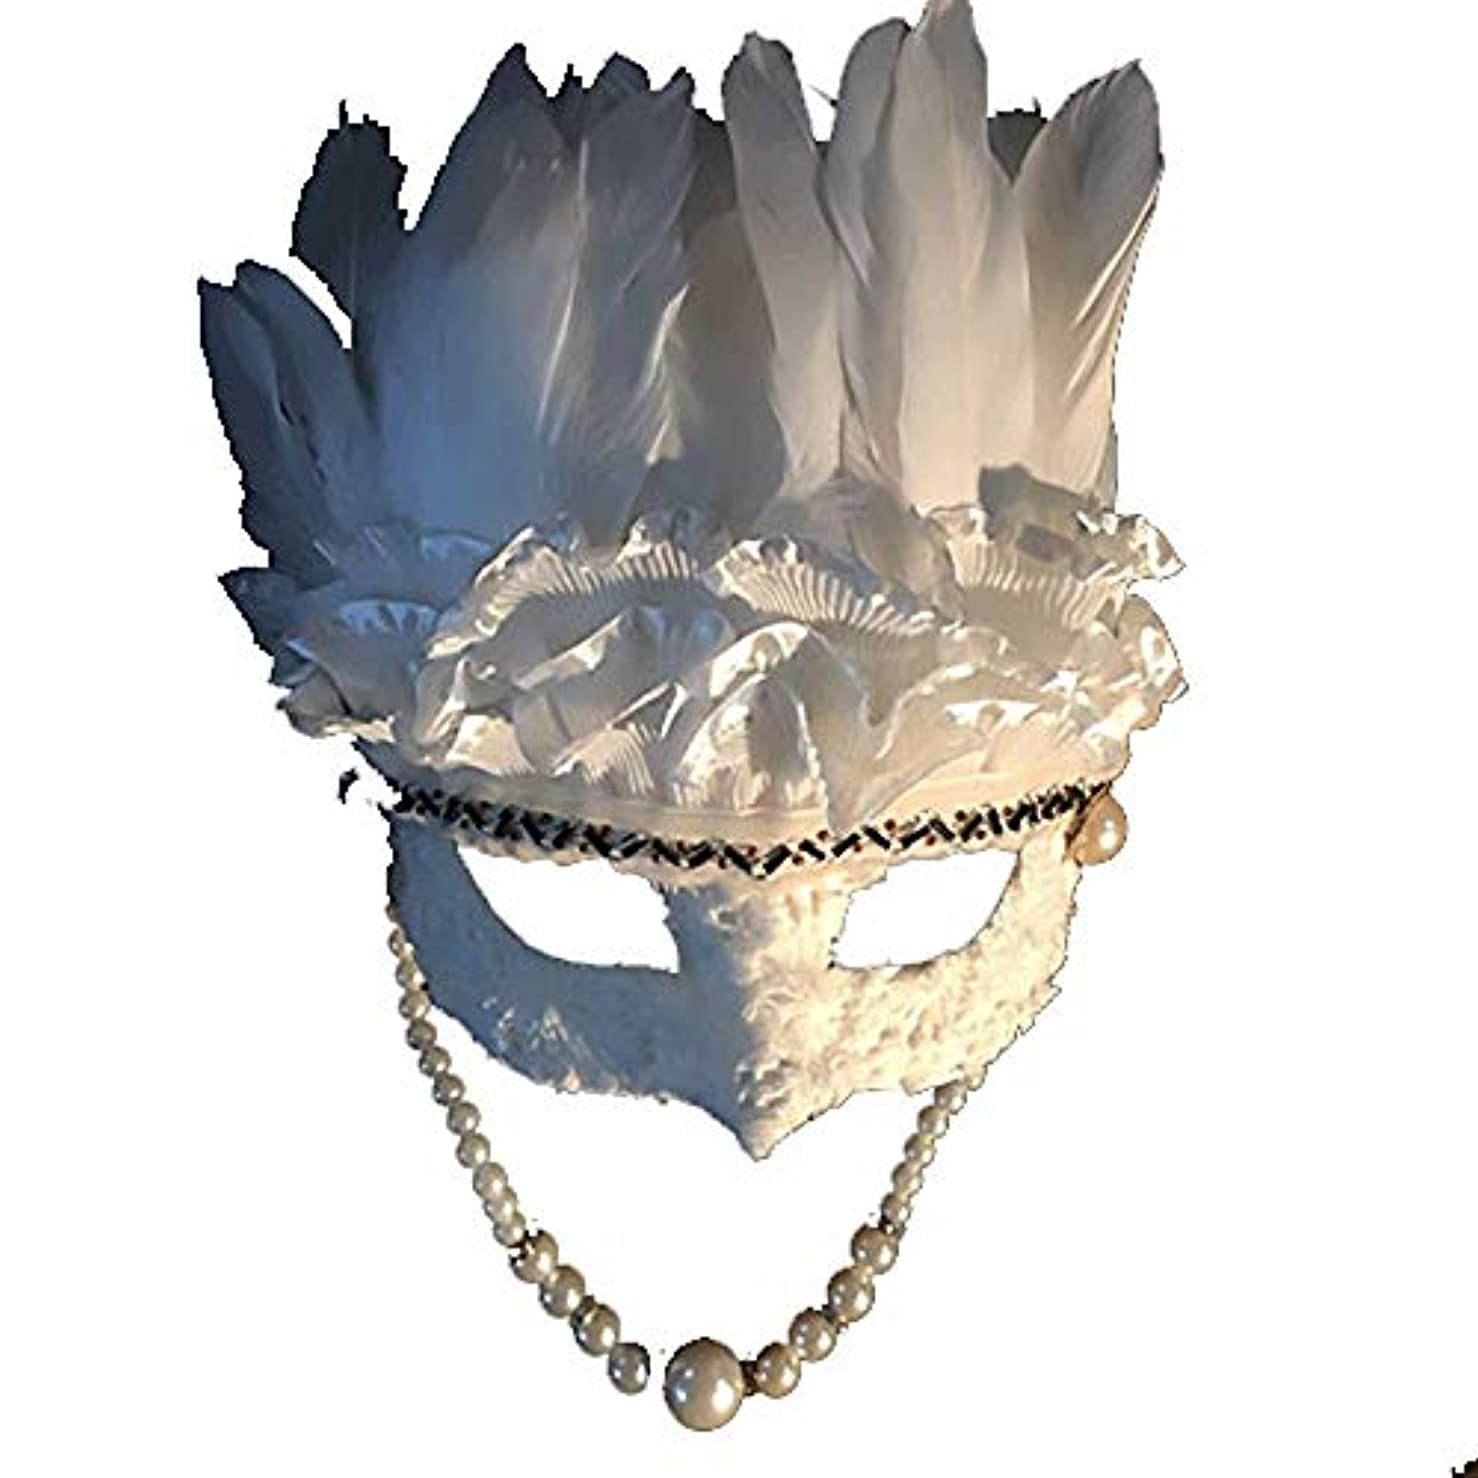 約設定リーダーシップ陰気Nanle ハロウィンクリスマスフェザースパンコール刺繍ビーズマスク仮装マスクレディミスプリンセス美容祭パーティーデコレーションマスク